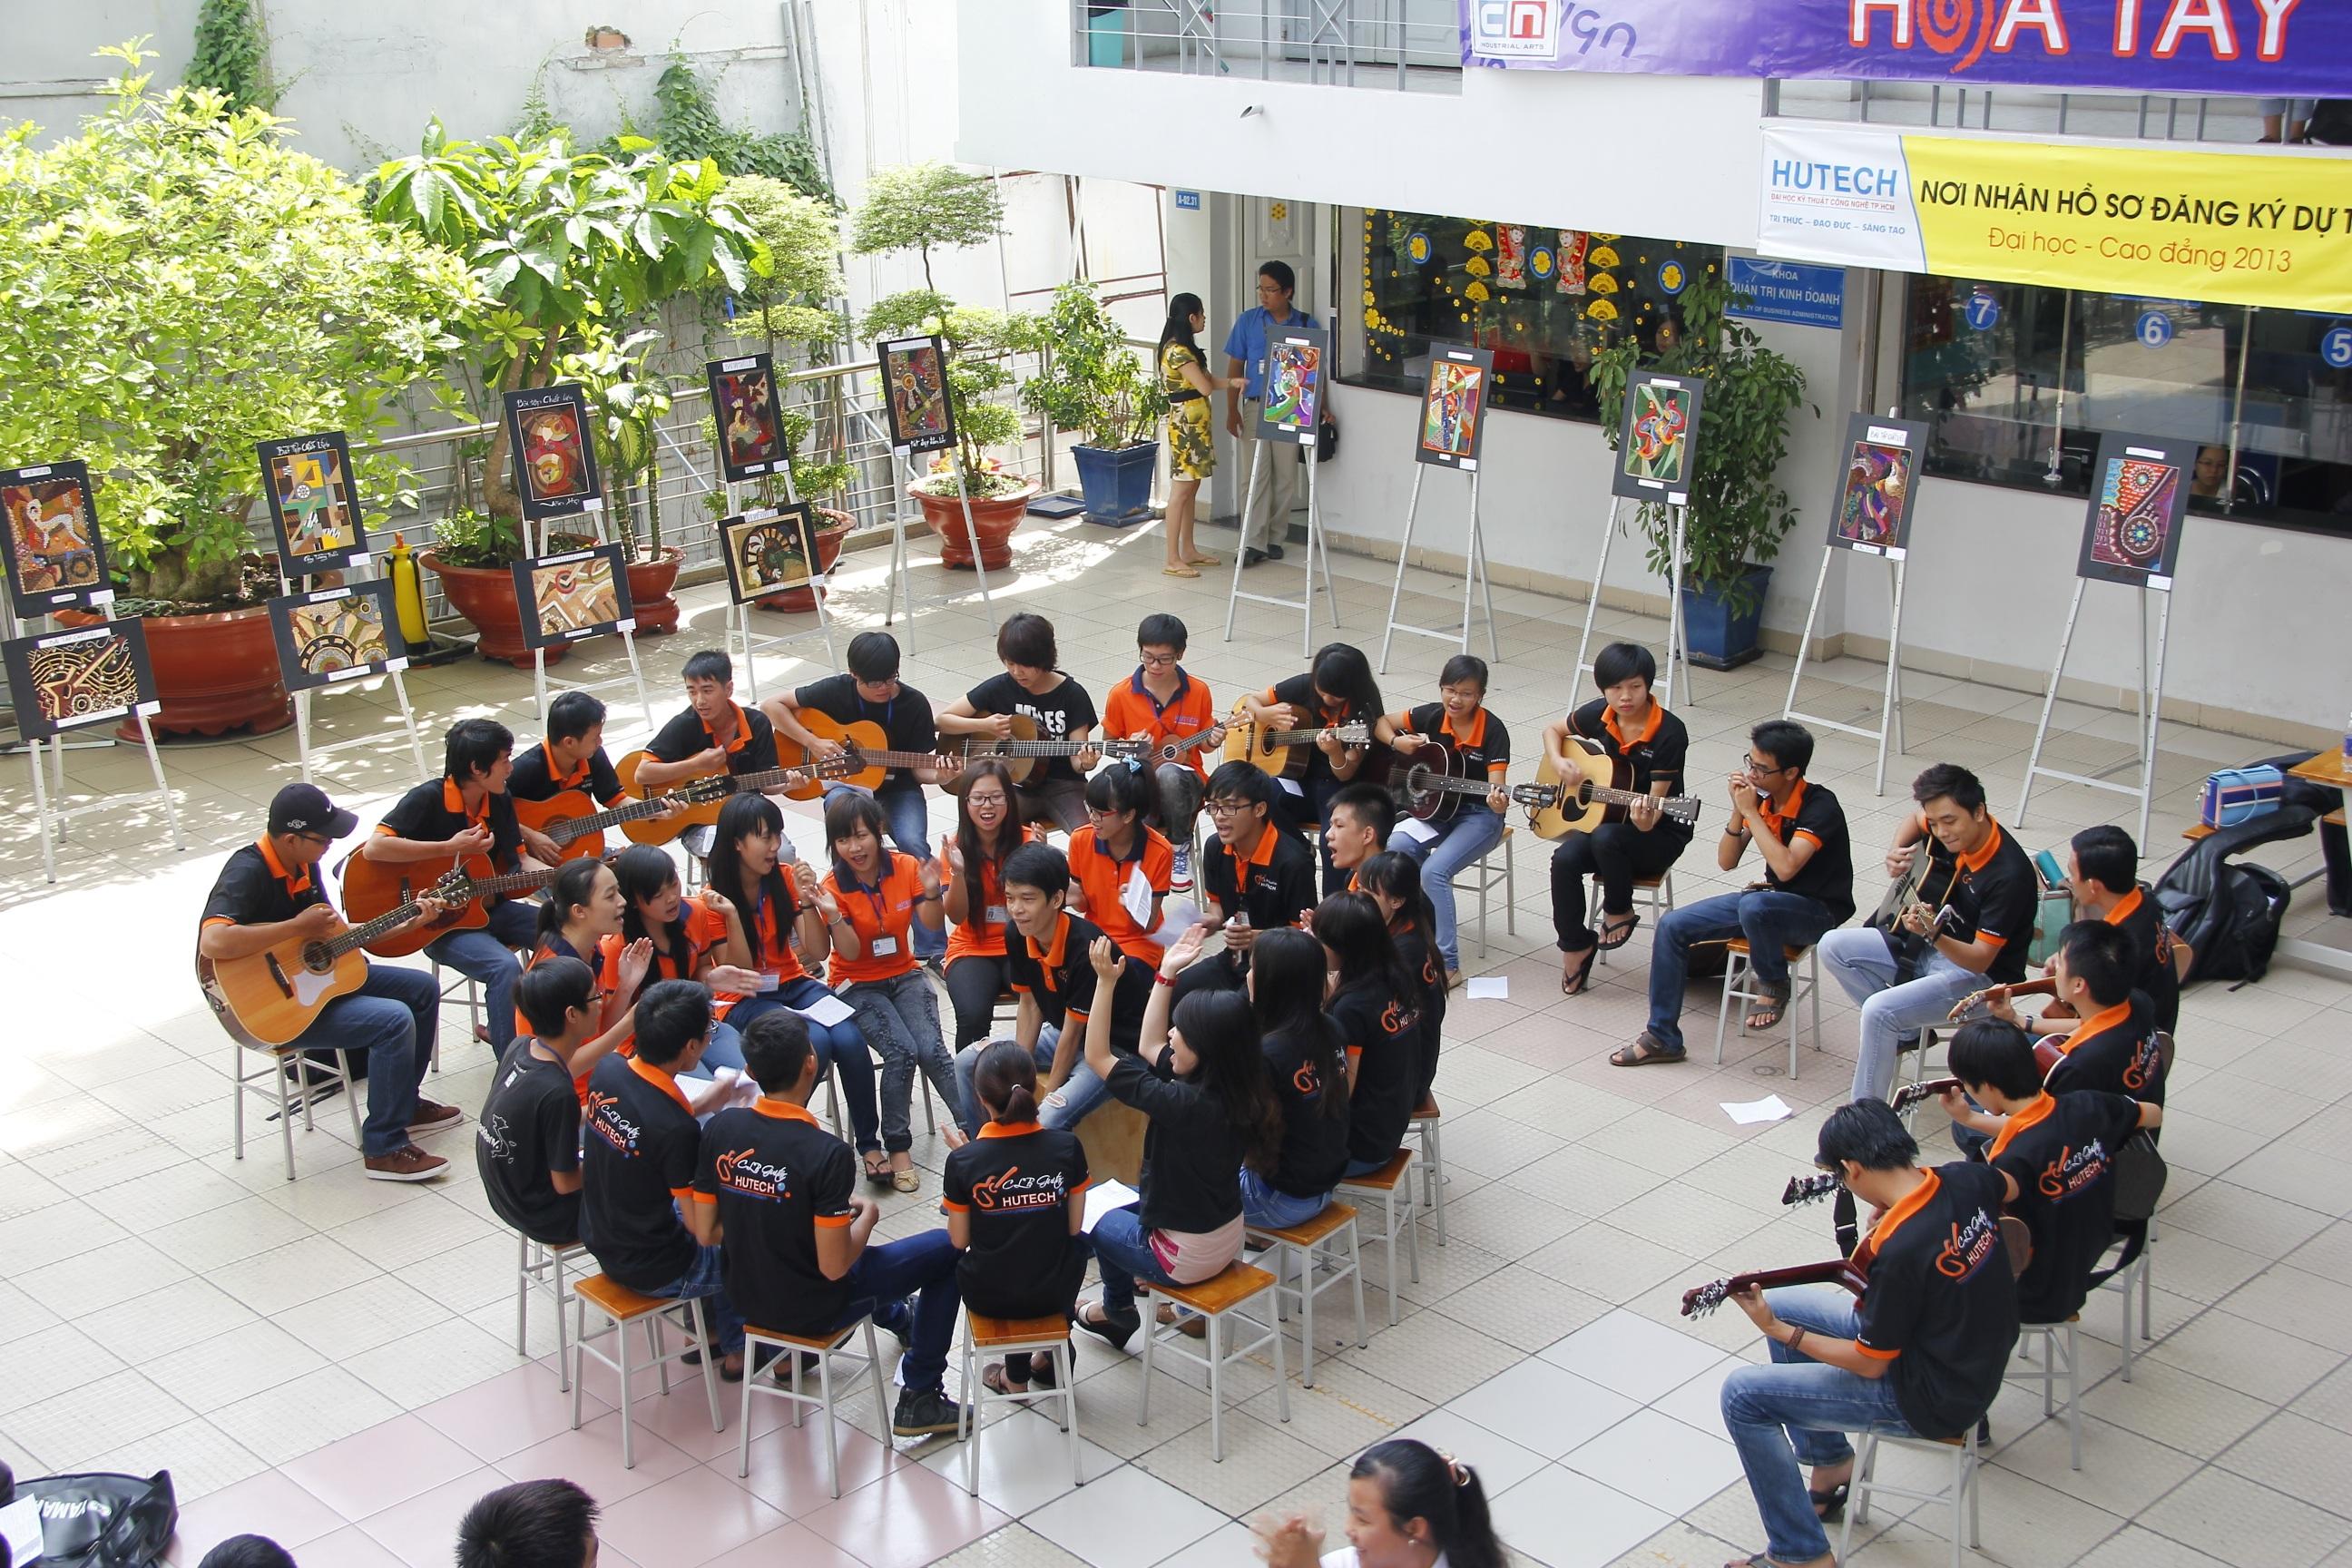 Sinh viên HUTECH được tham gia các hoạt động ngoại khóa để phát triển toàn diện